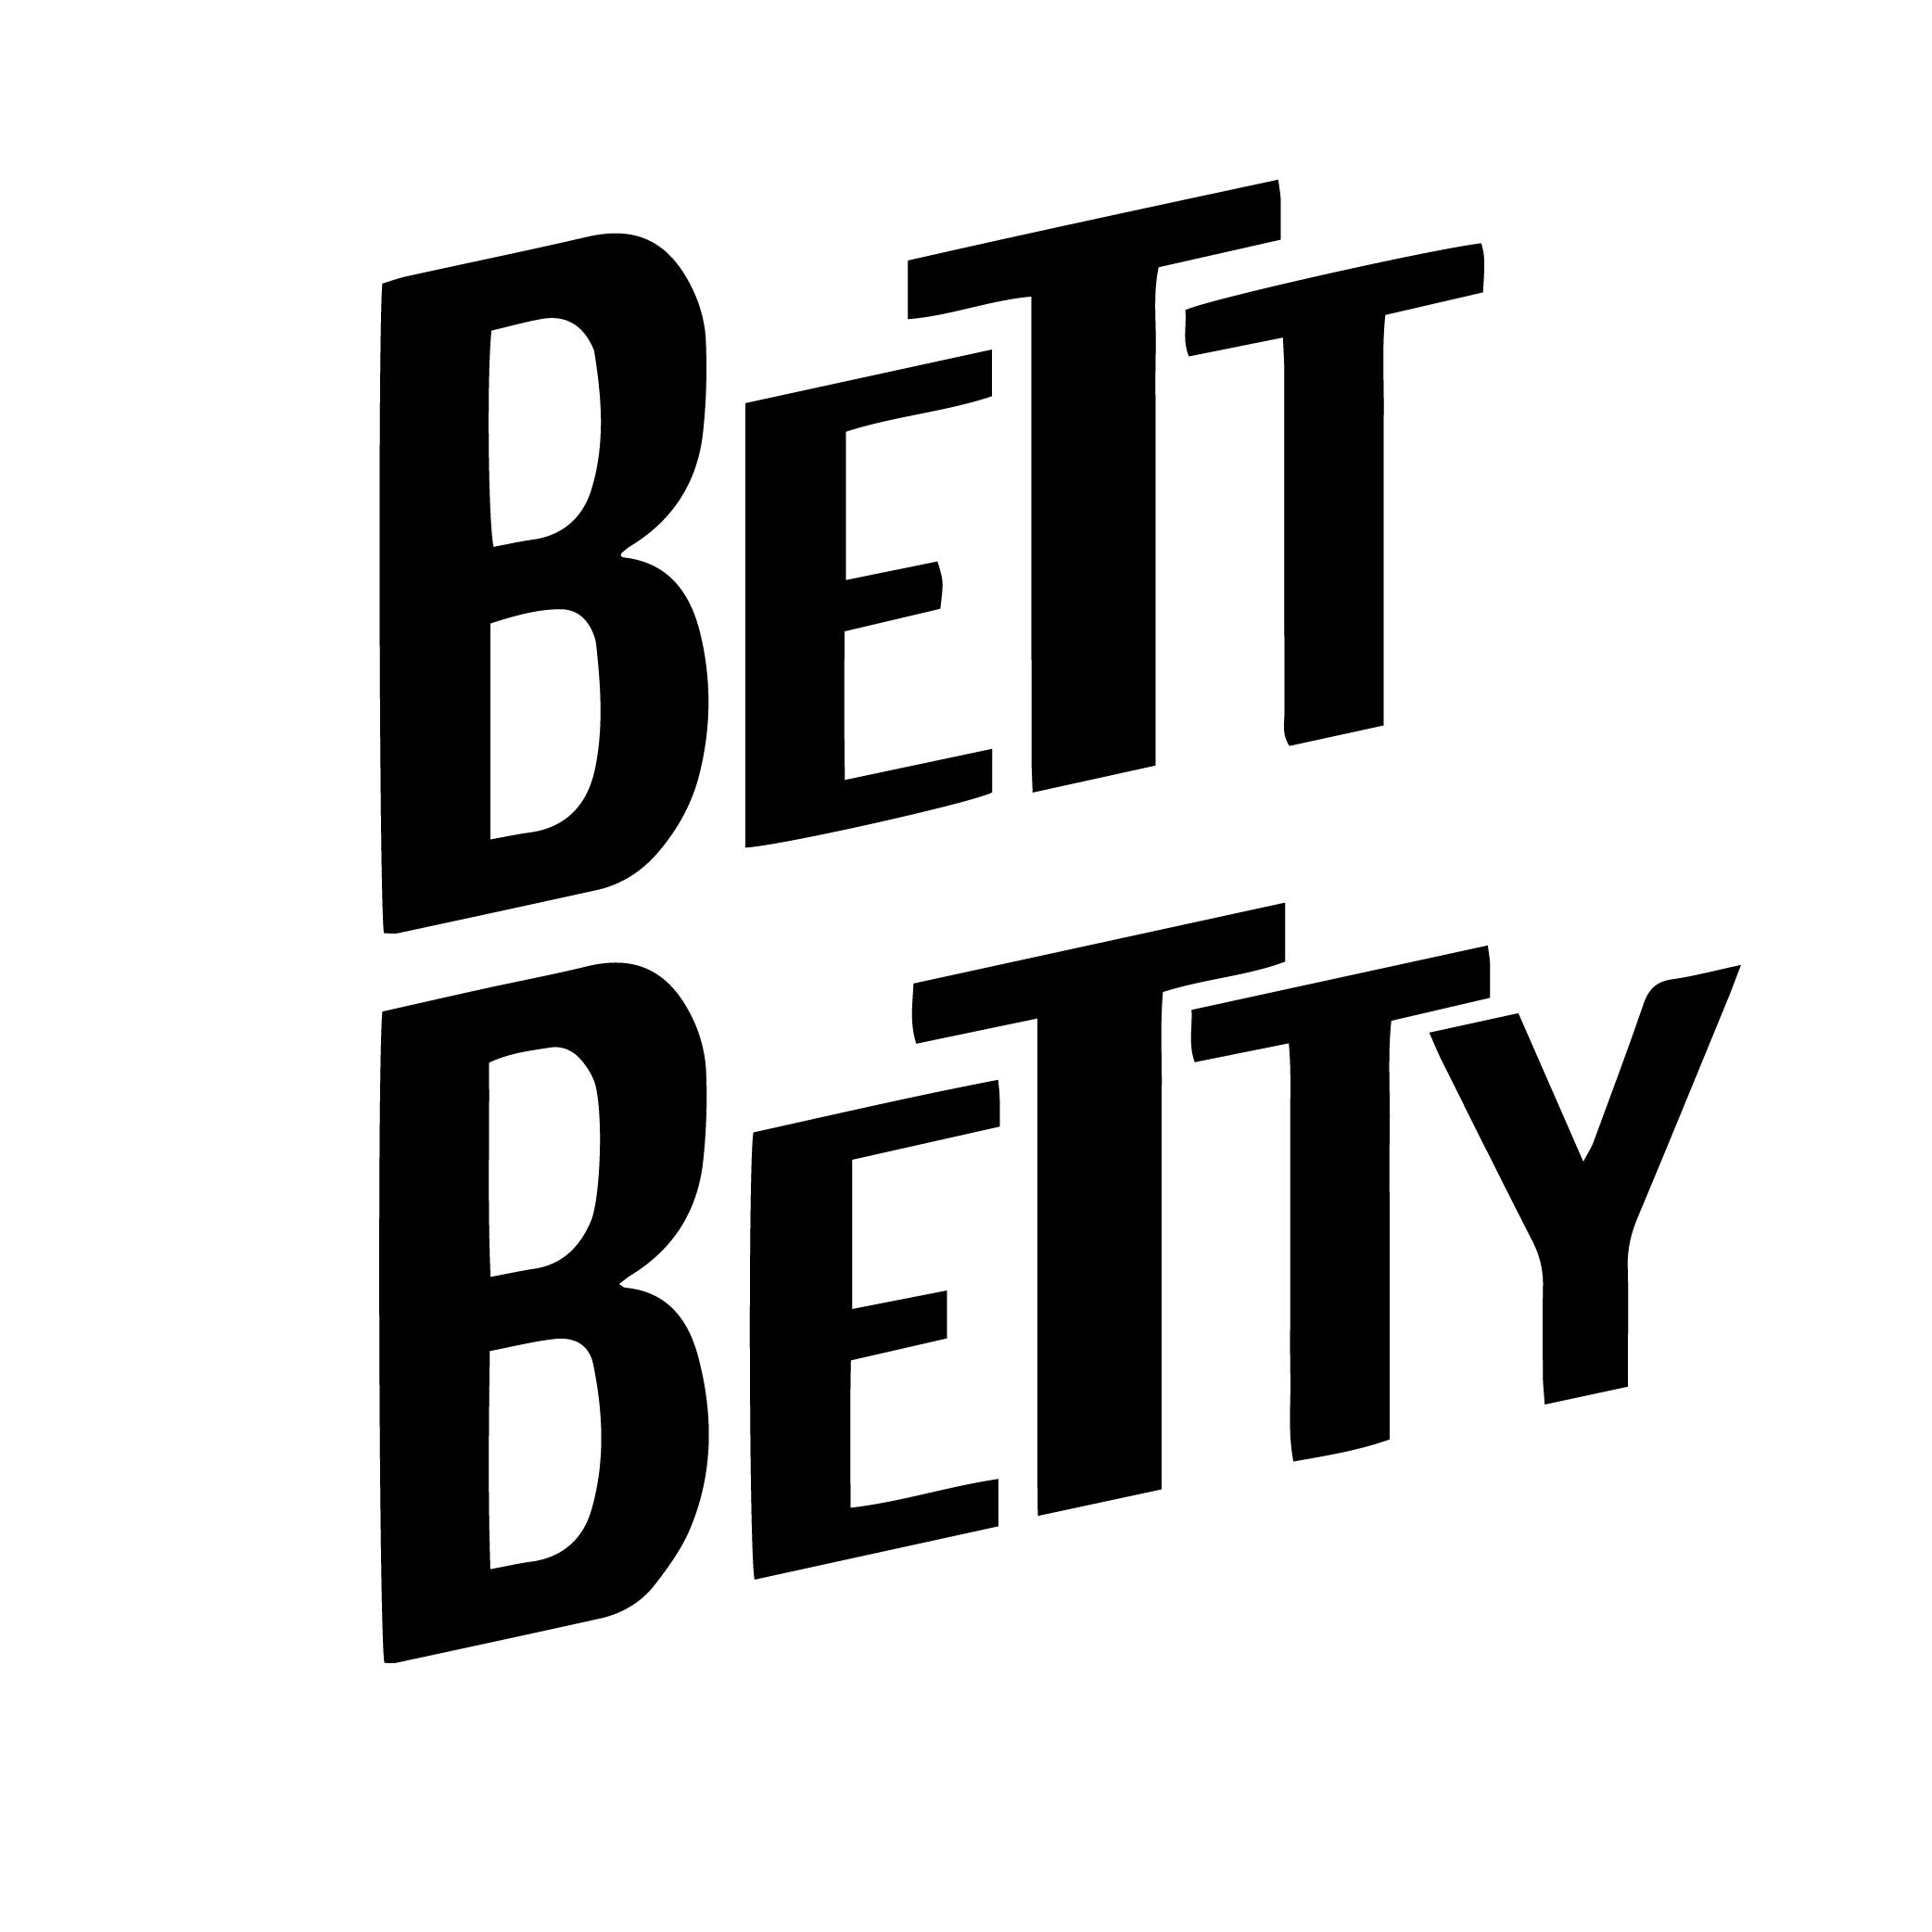 Bett Betty